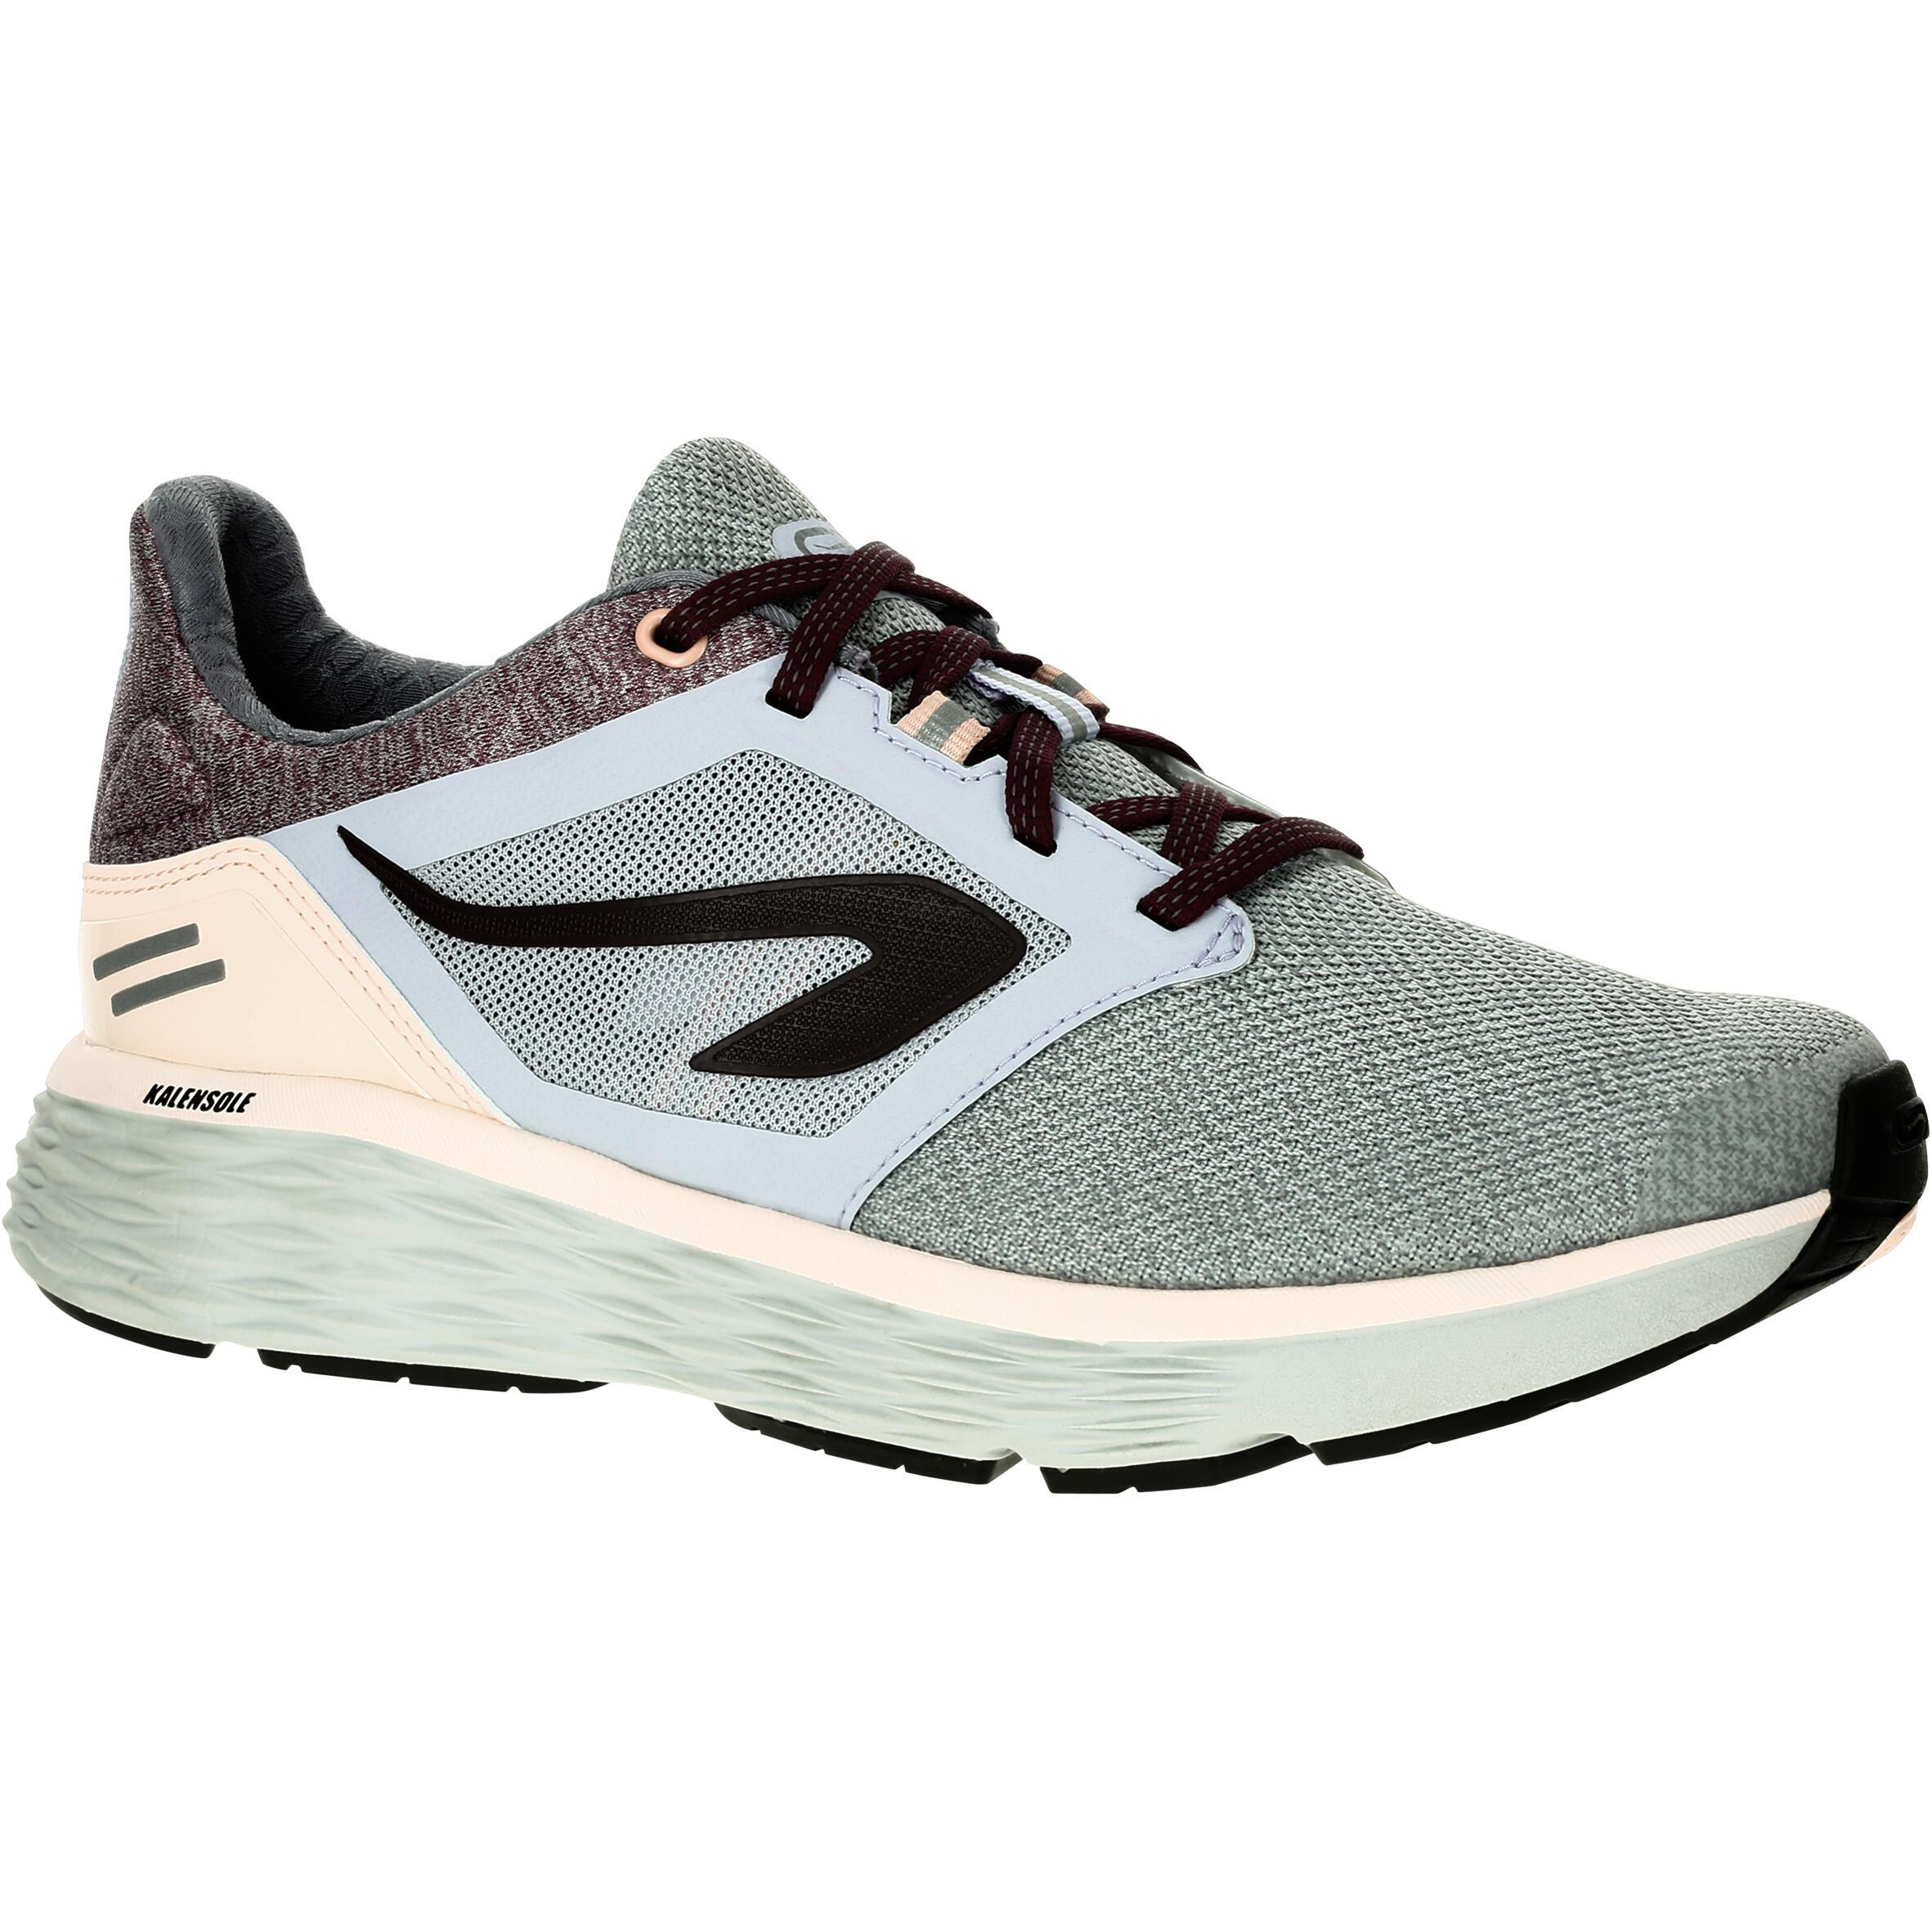 Kalenji Joggingschoenen voor dames Run Comfort grijs roze